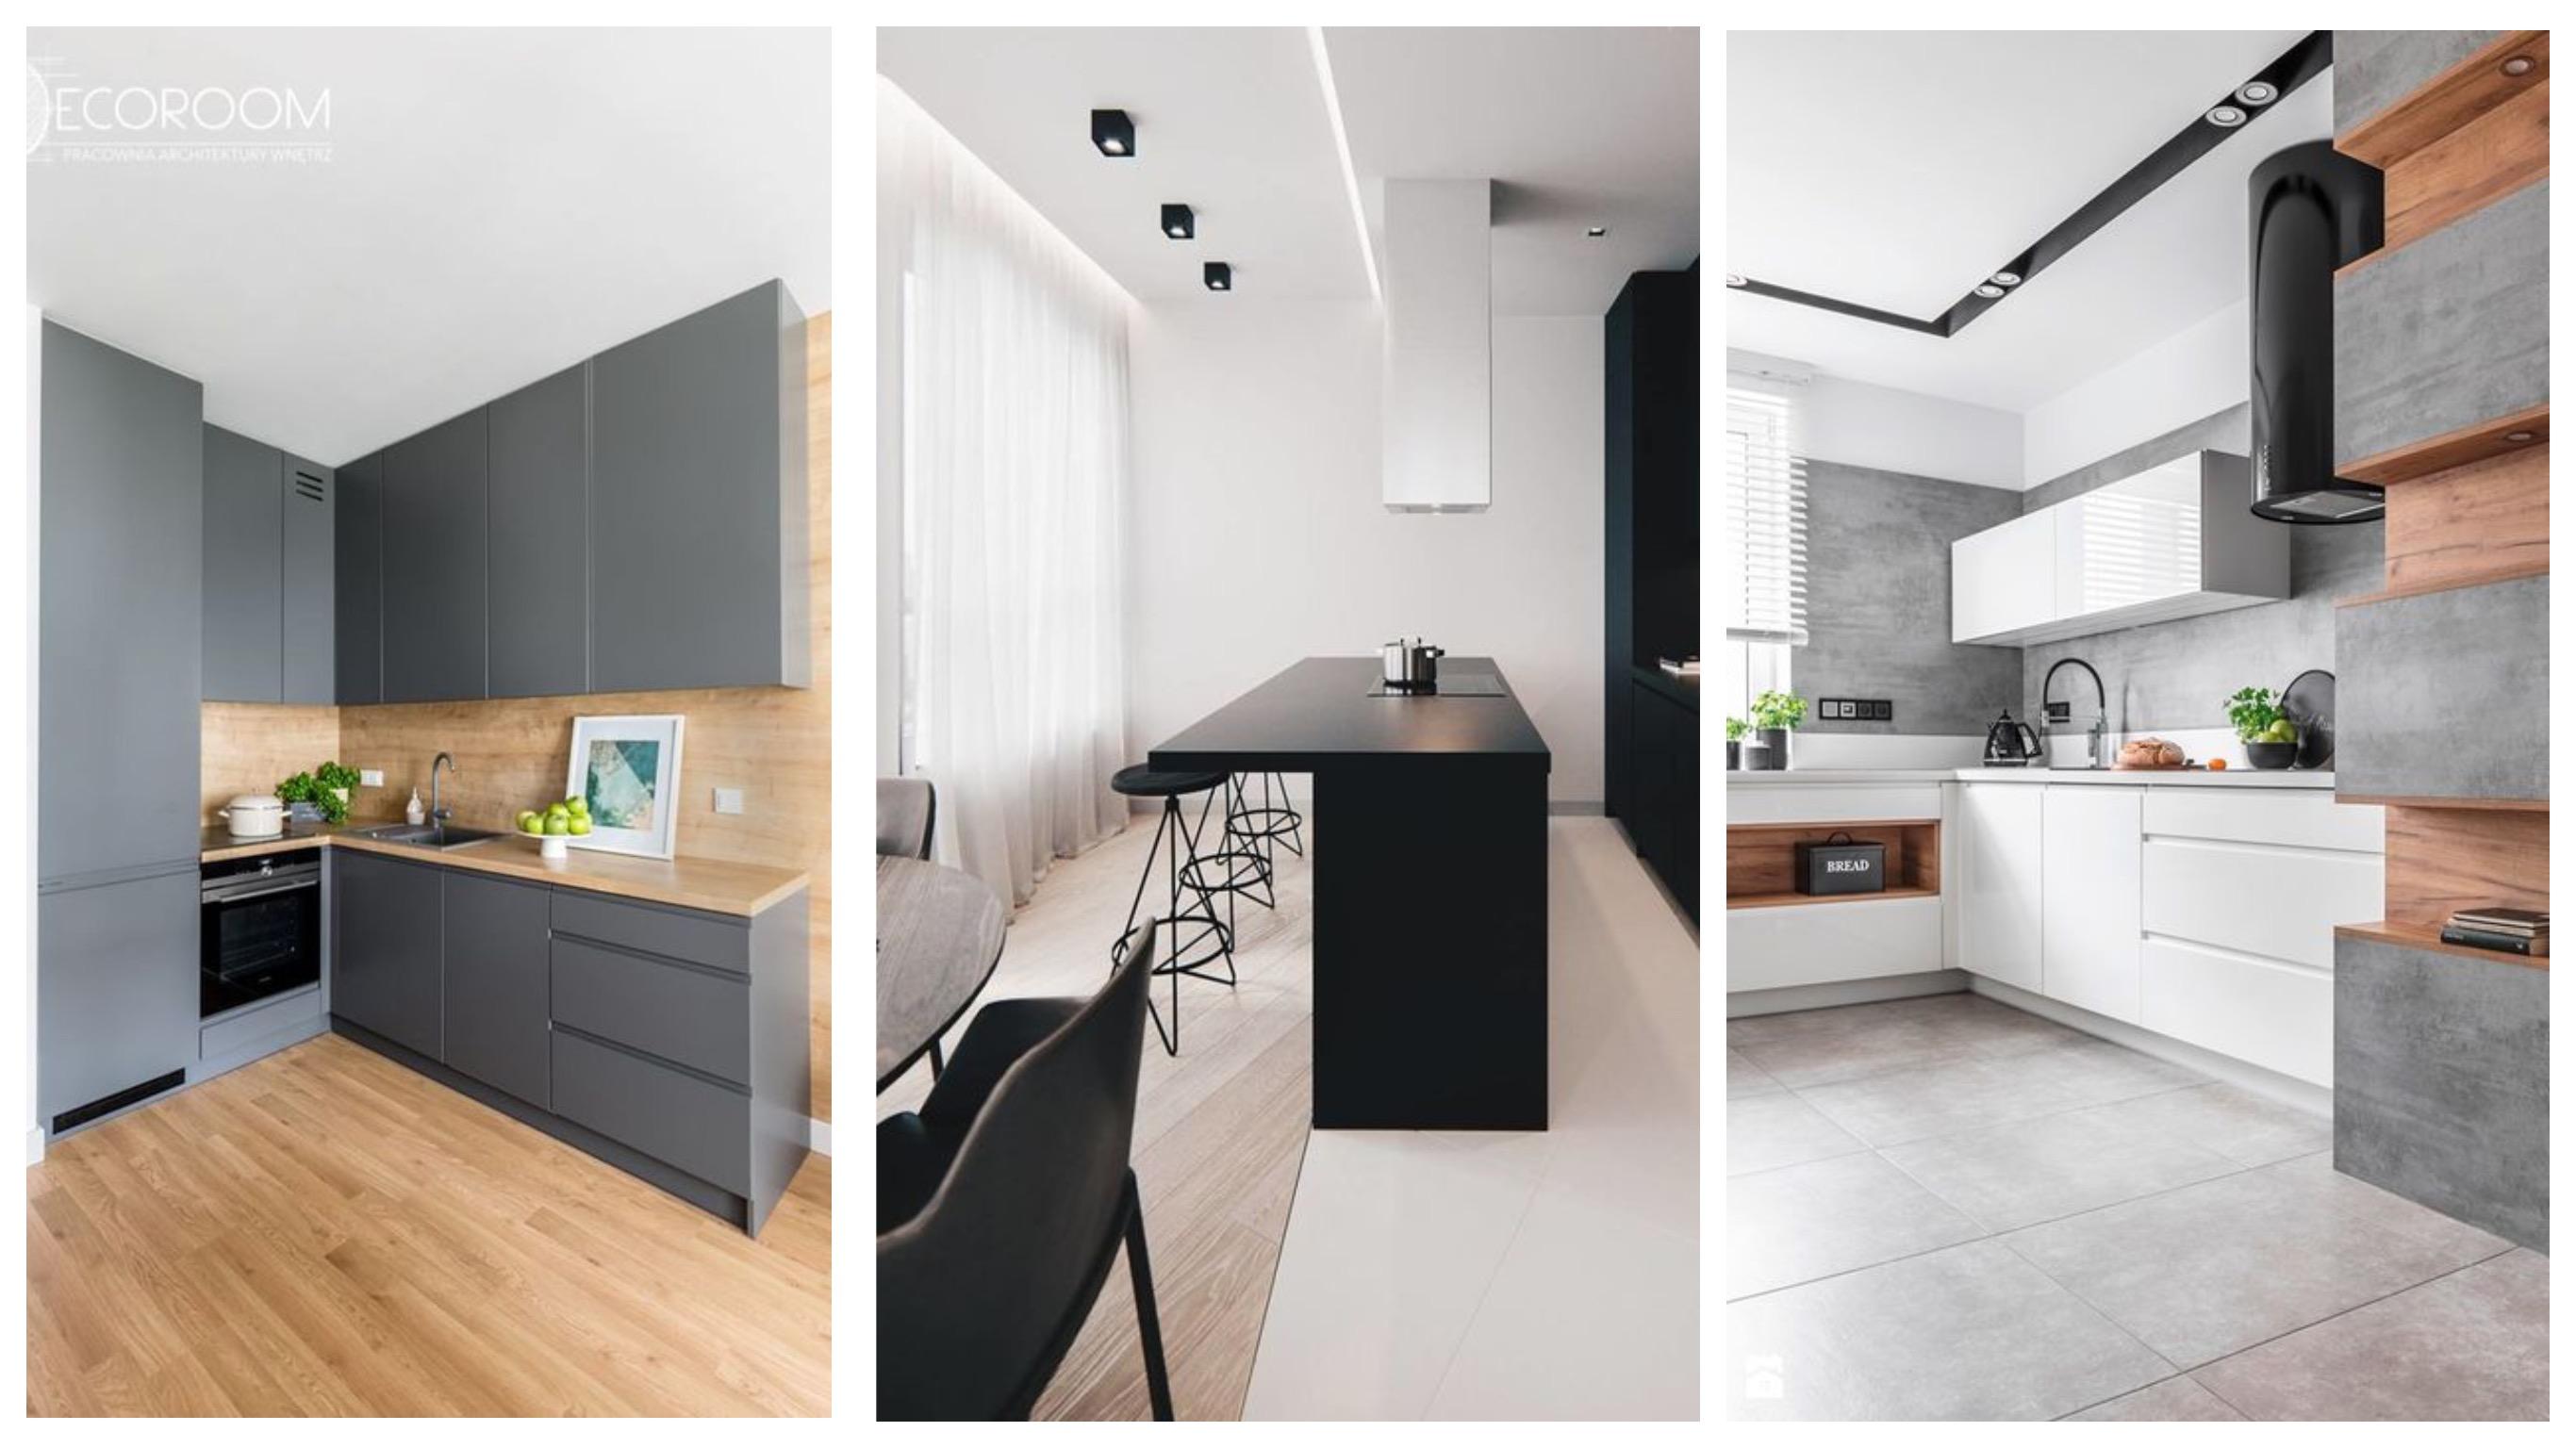 Кухонний мінімалізм  стильні кухні без зайвих деталей(40 фото) 68d43ab6c7f76